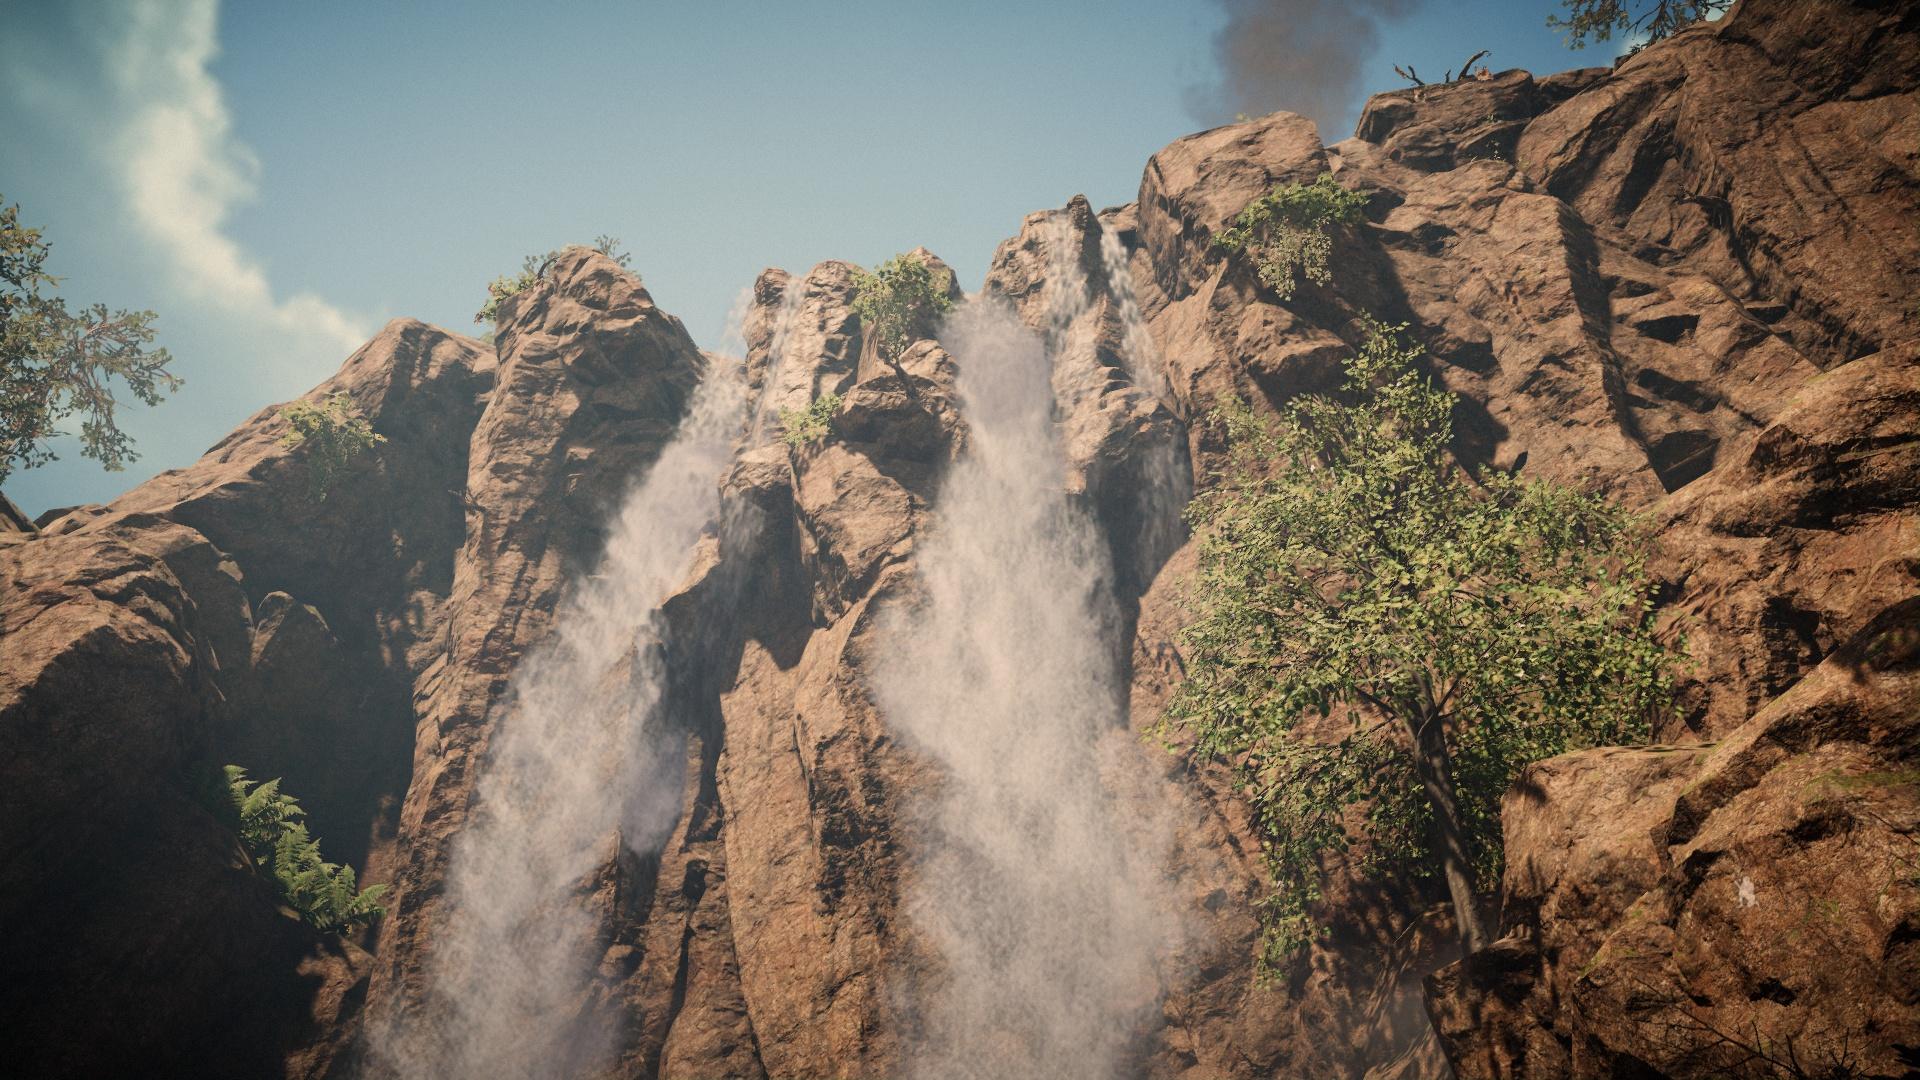 Primal falls